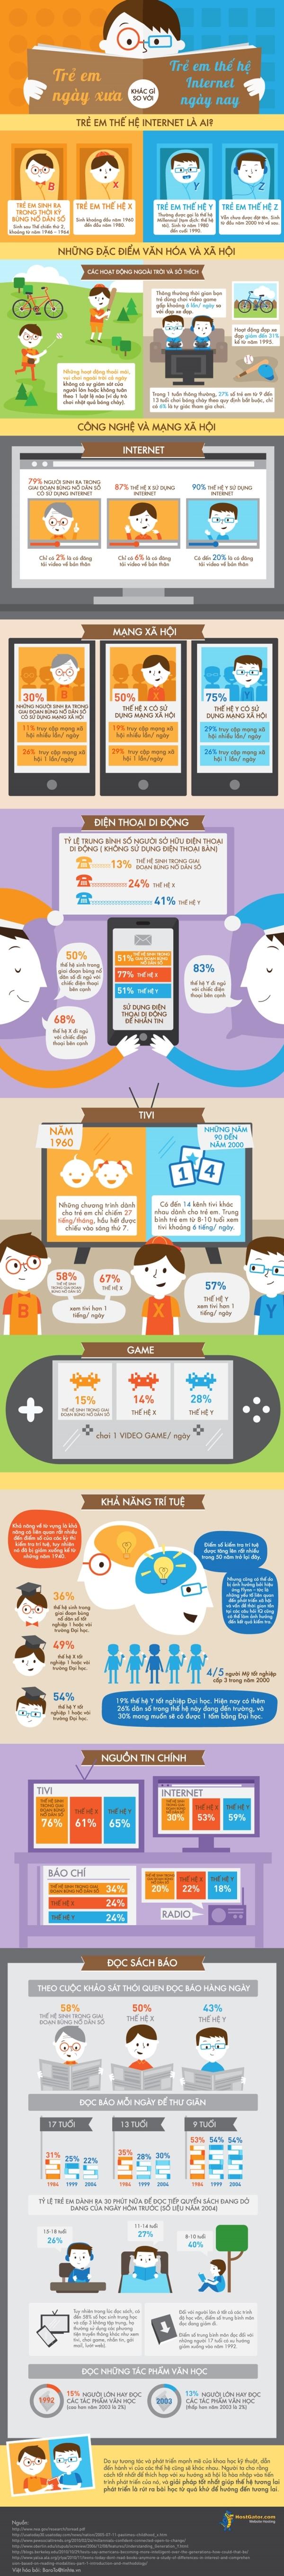 [Infographic] Trẻ em ngày xưa và trẻ em thế hệ internet